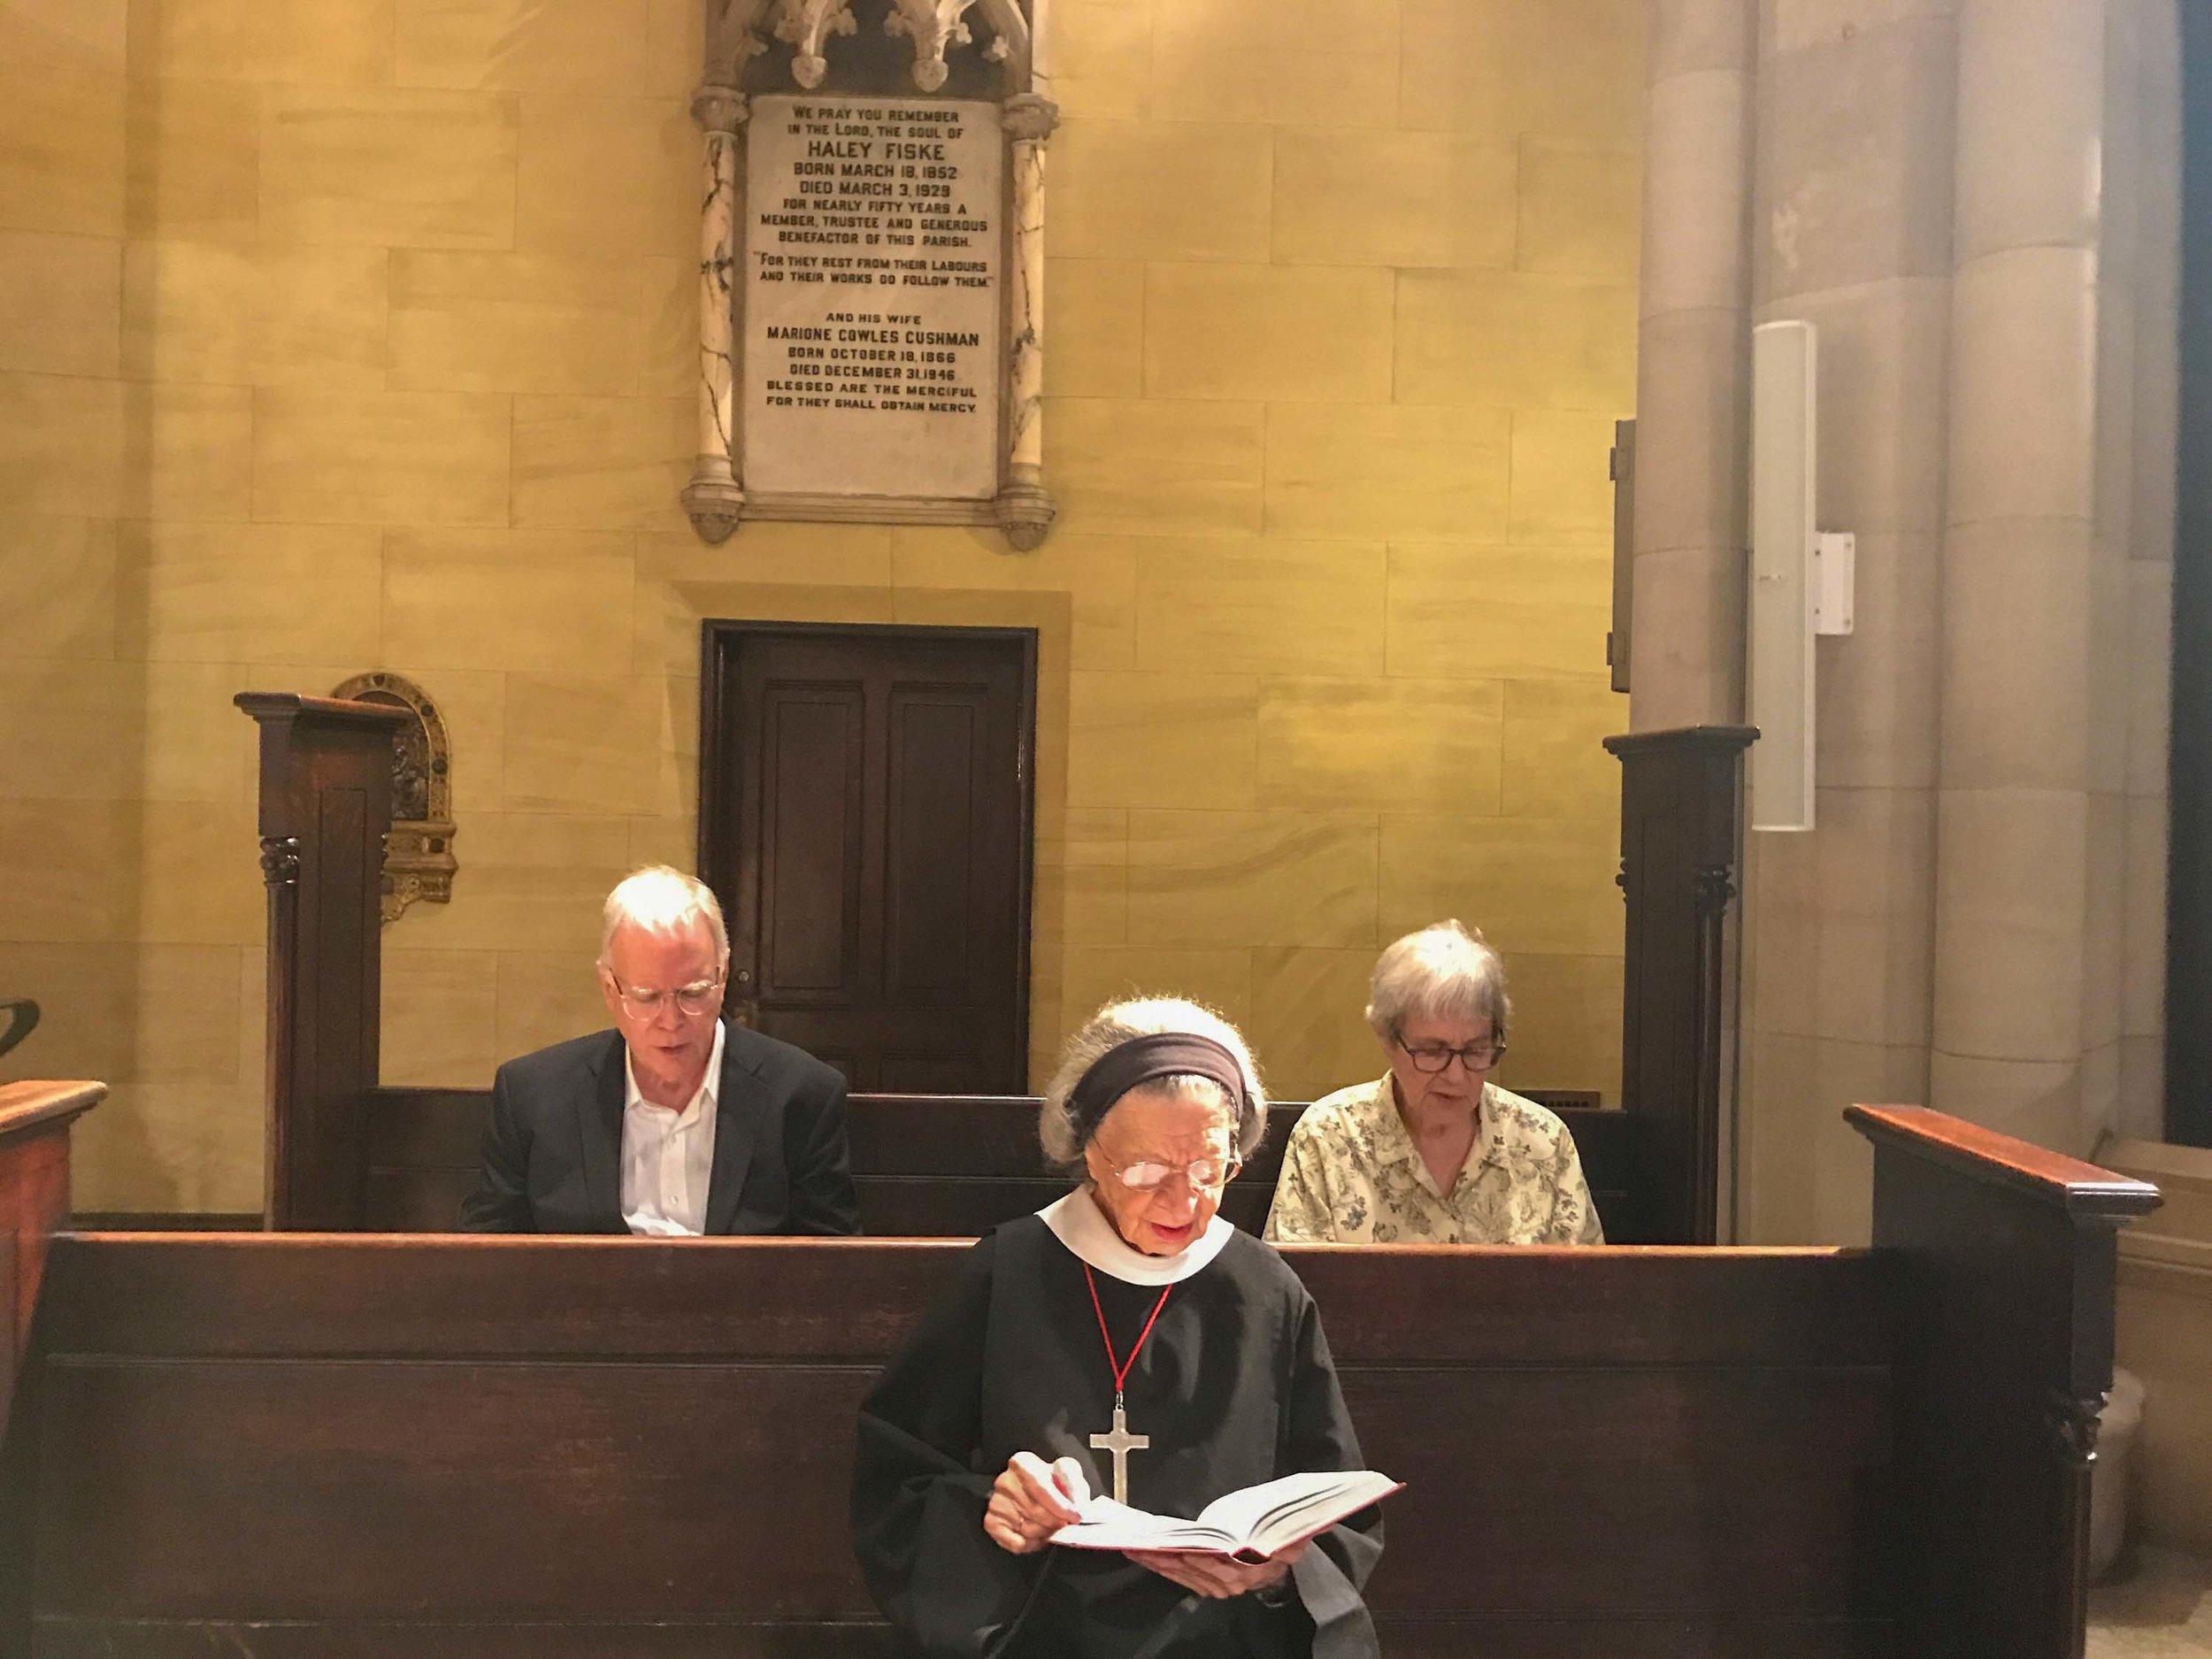 Colin Sanderson, Sister Laura Katharine, and Gypsy da Silva at Morning Prayer